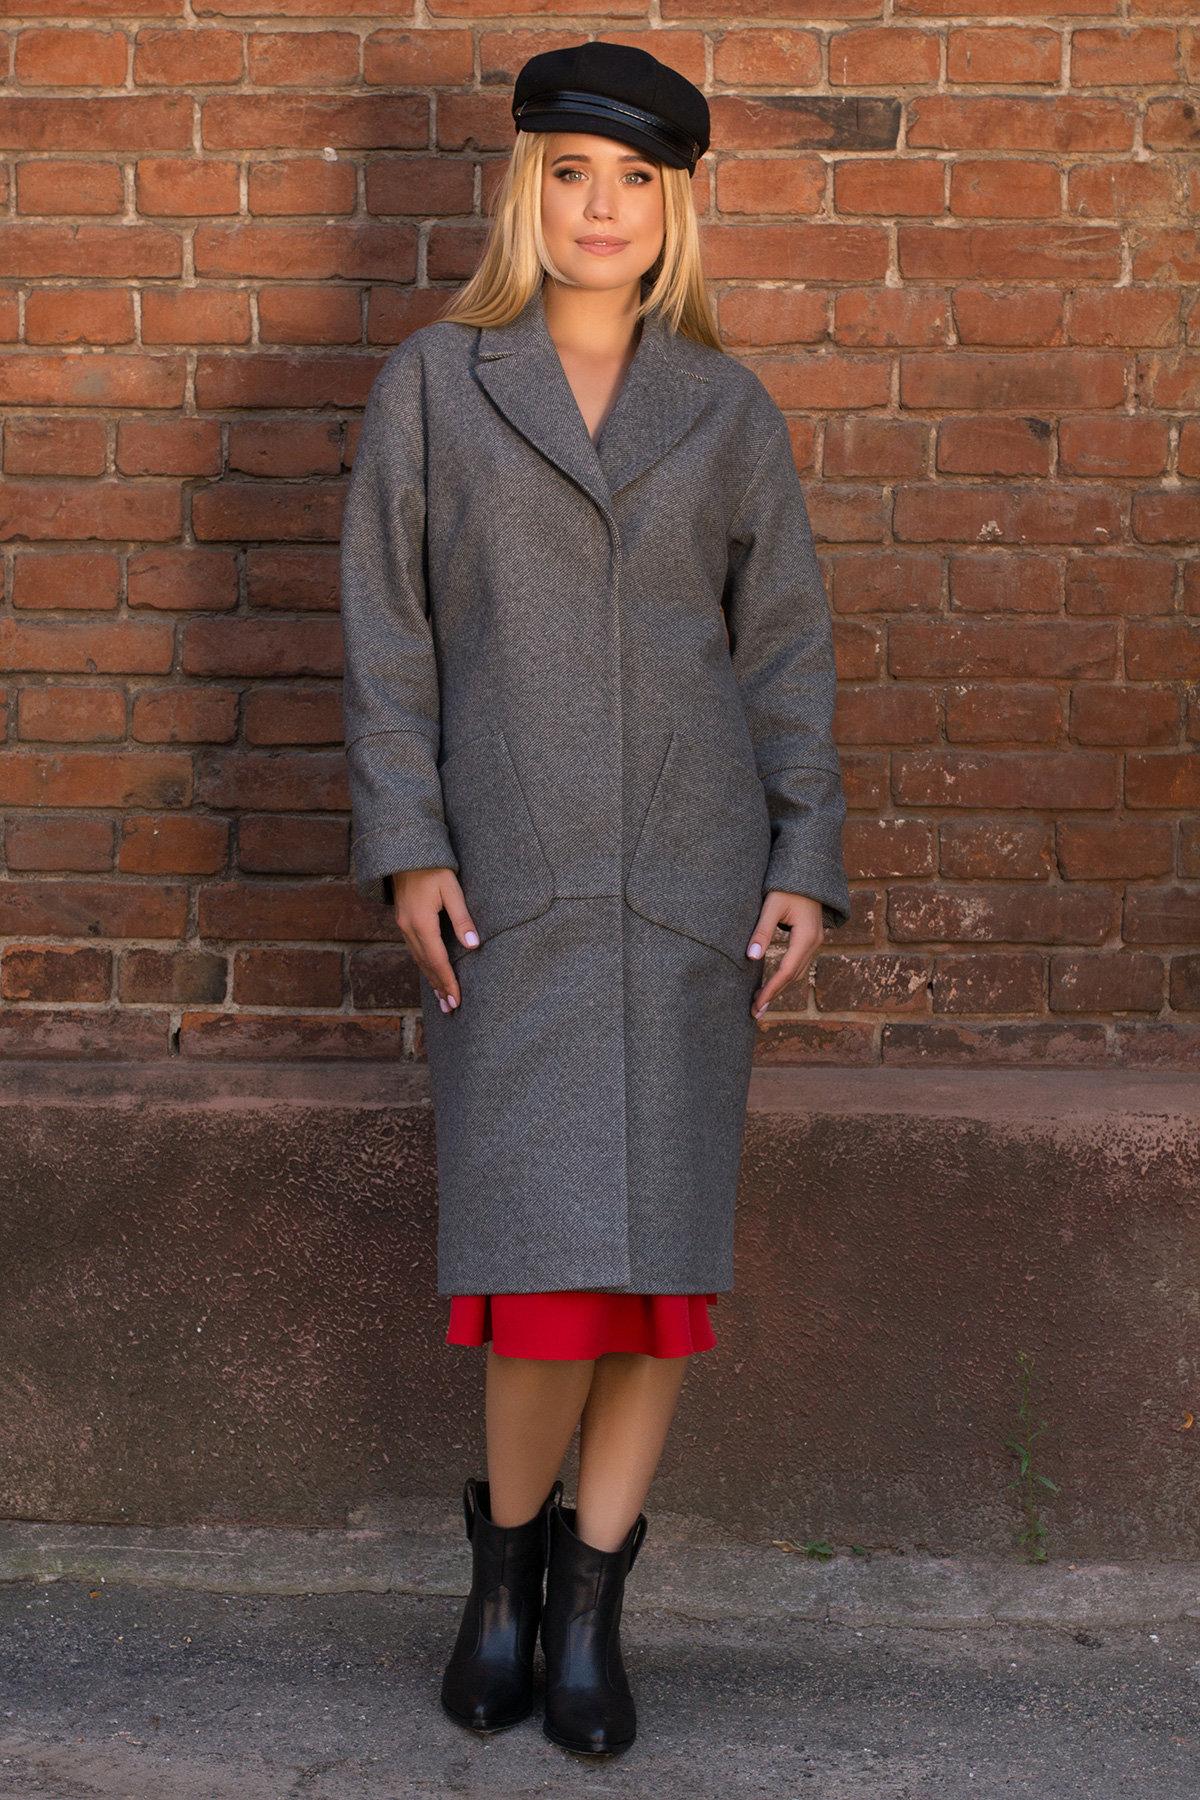 Пальто демисезонное миди Тала 7902 АРТ. 43858 Цвет: Серый - фото 2, интернет магазин tm-modus.ru